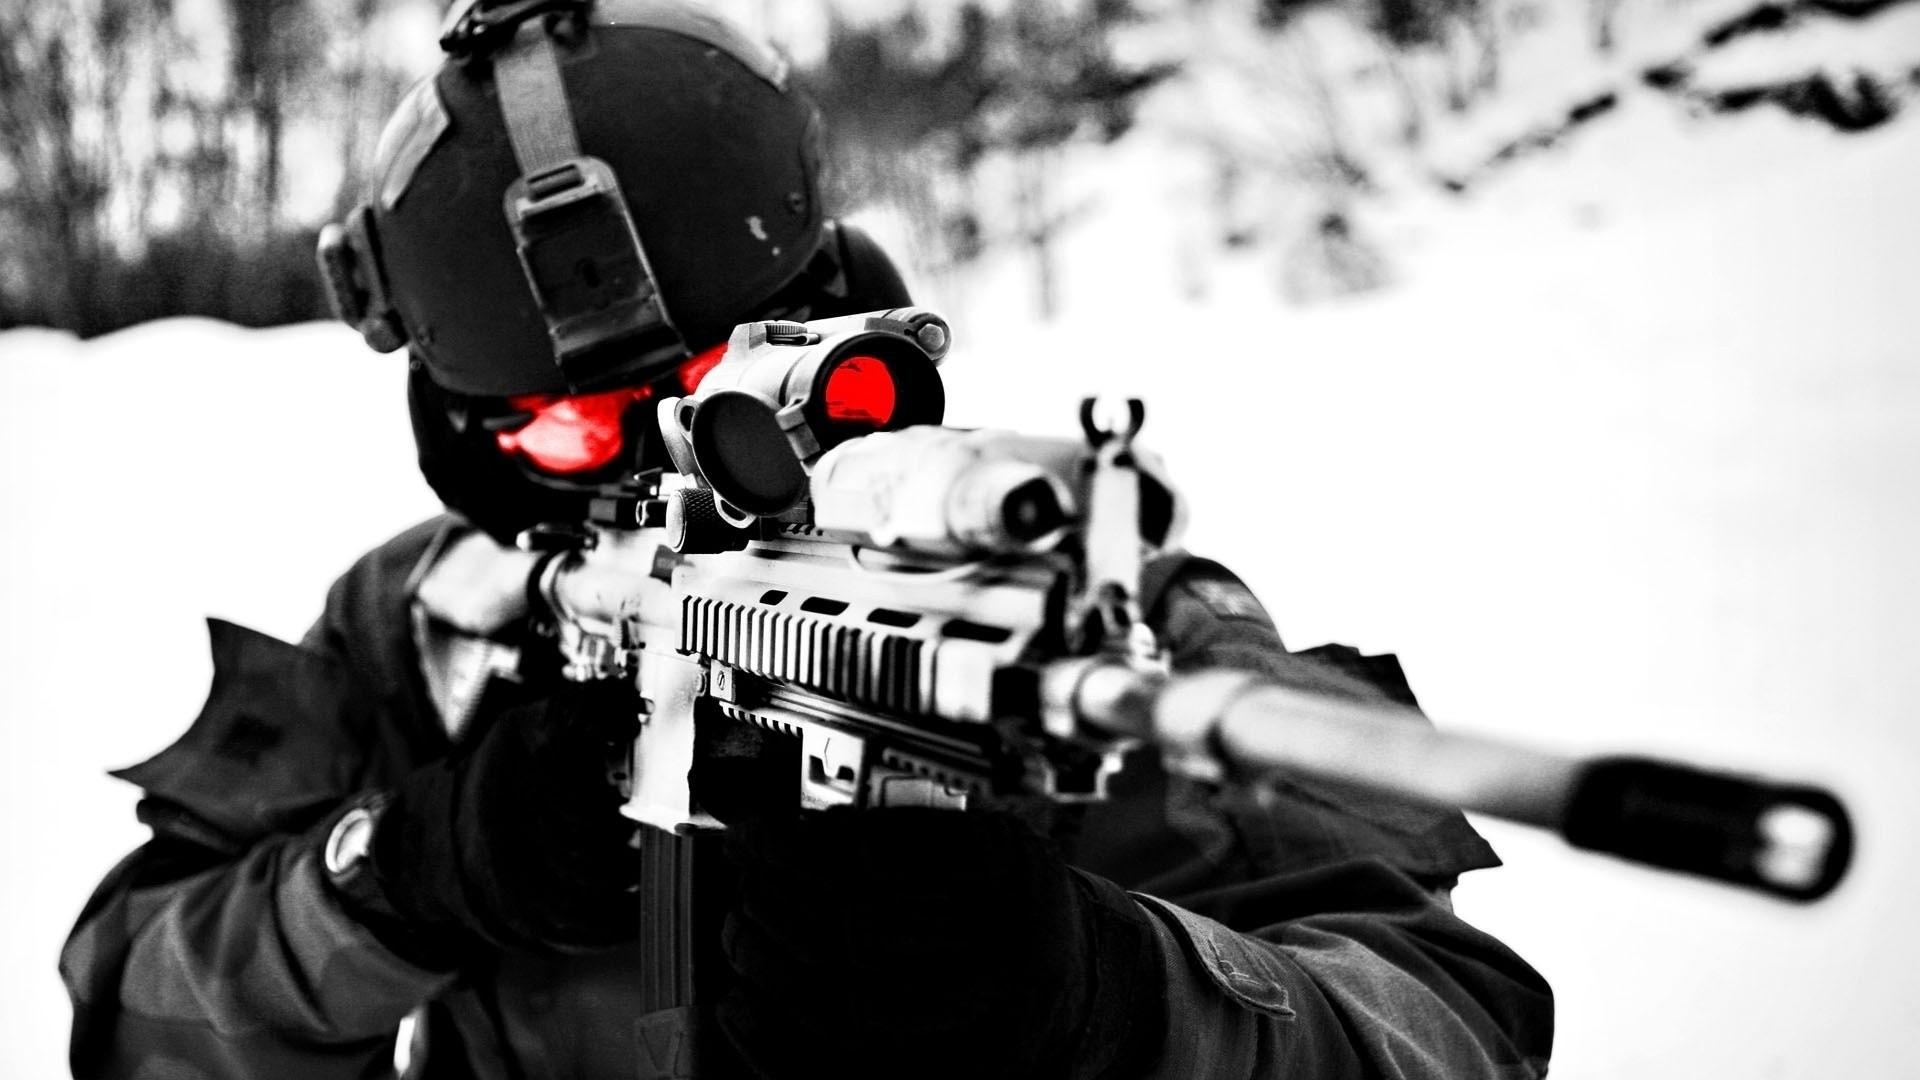 sniper close up wallpaper 15358 16030 hd wallpapers 1920x1080